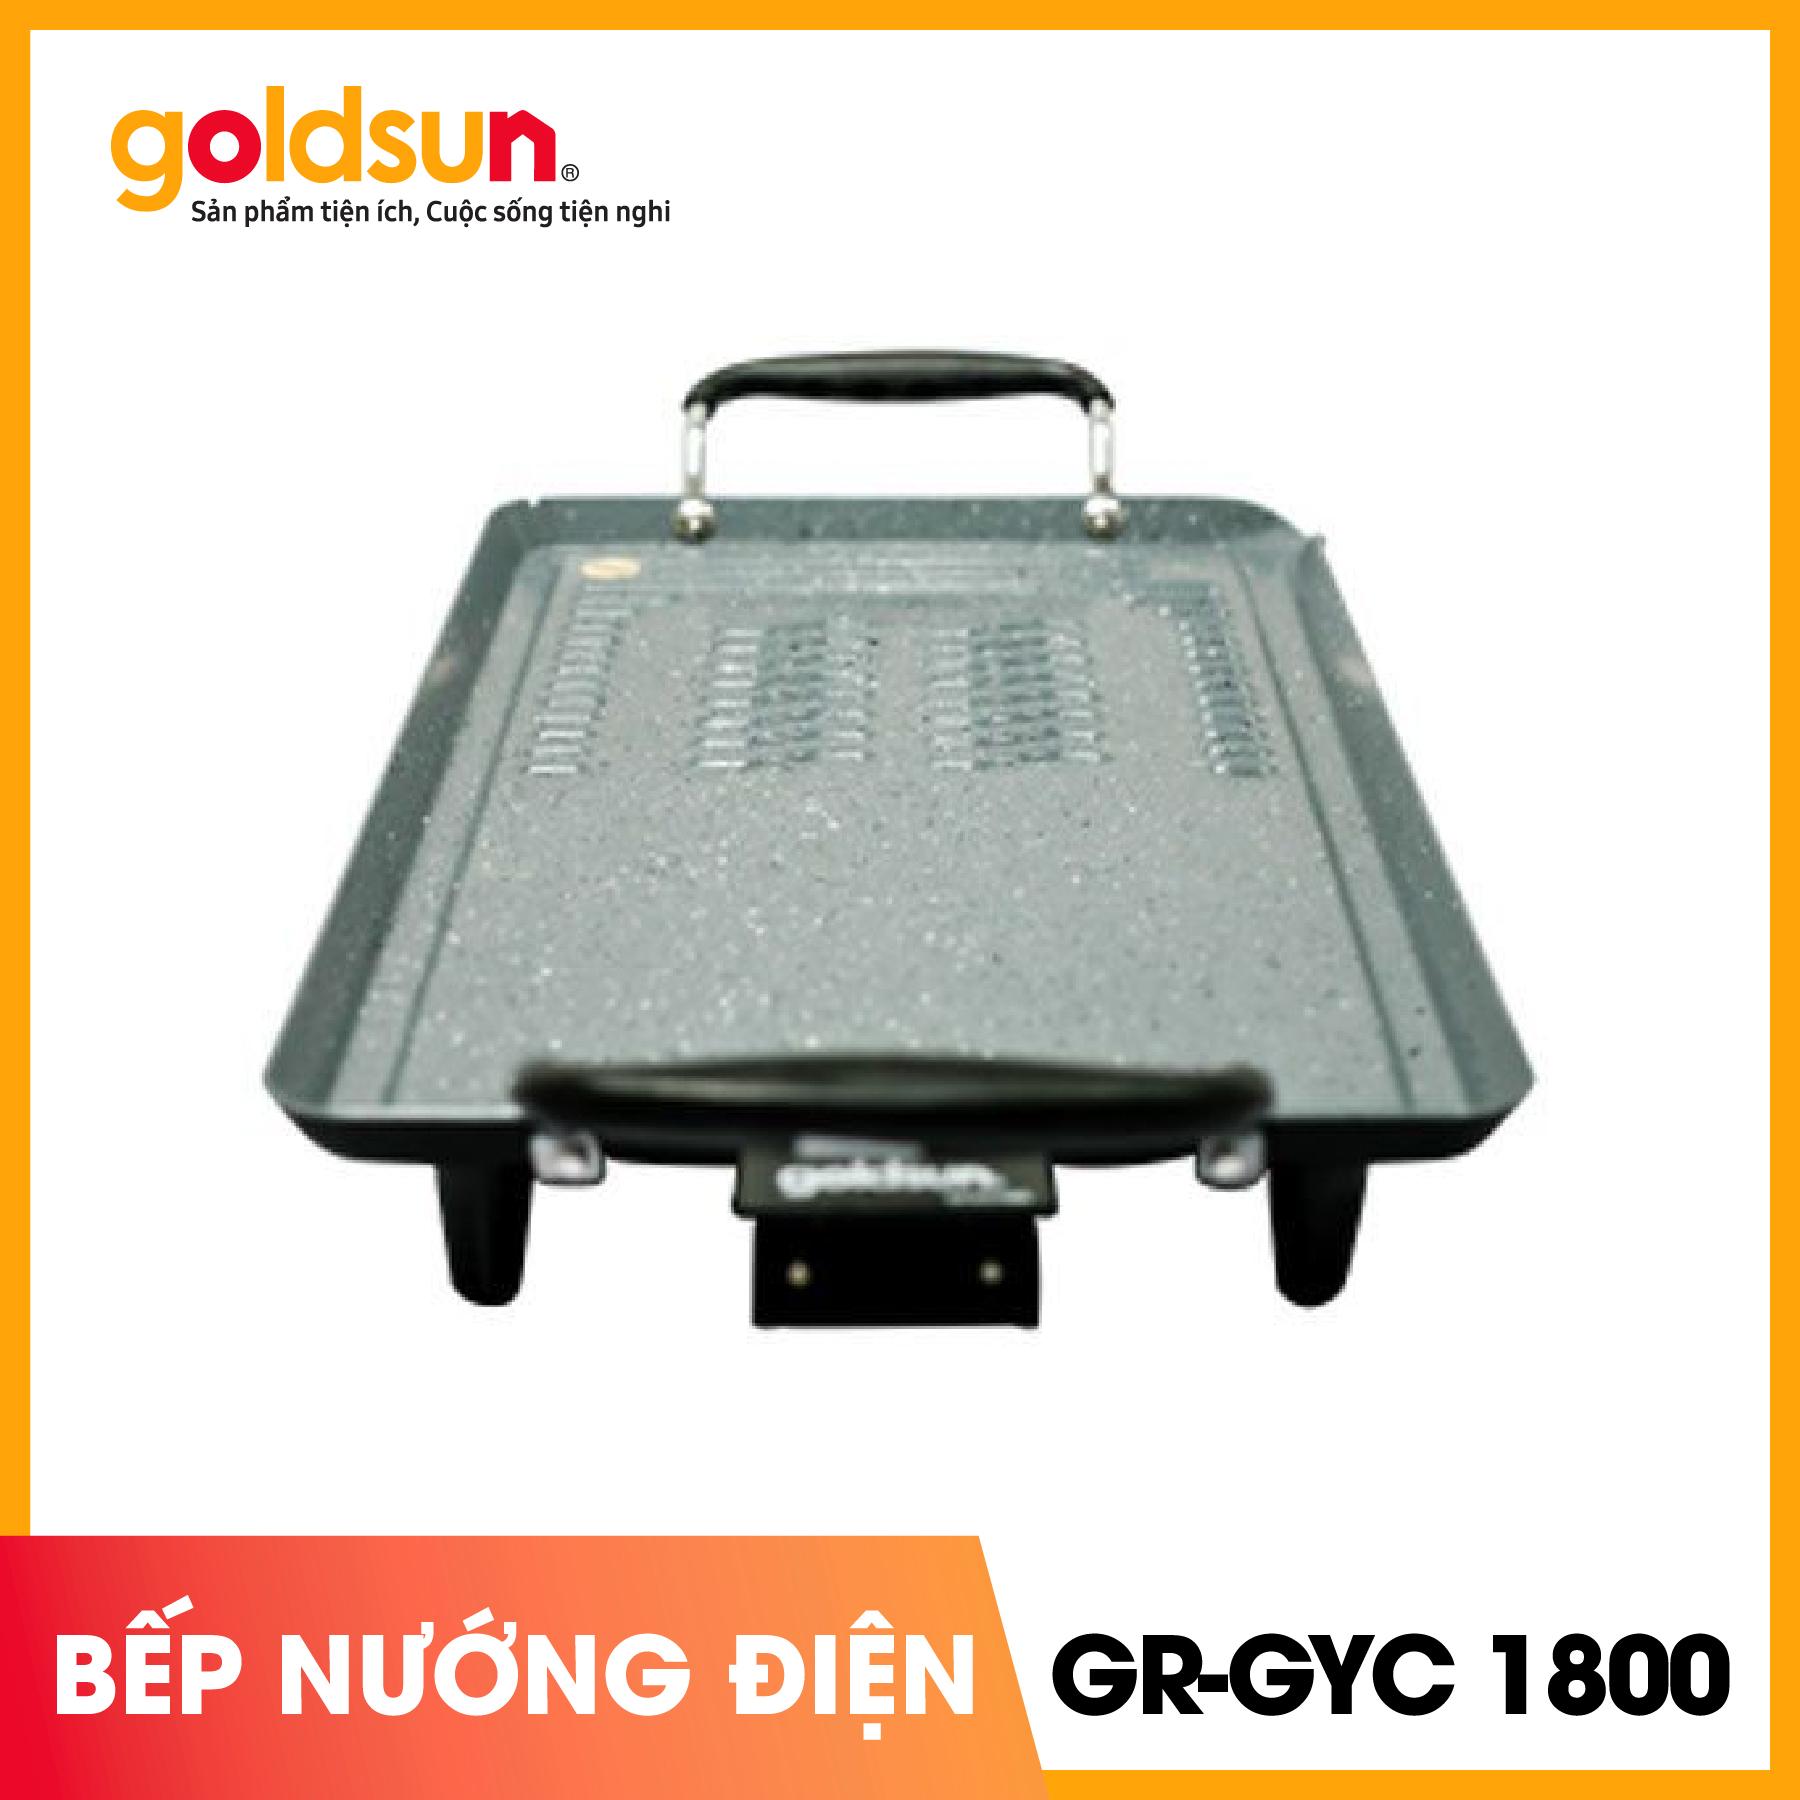 Bếp Nướng Điện Chống Dính Goldsun GR-GYC1800 Giá Tốt Nhất Thị Trường